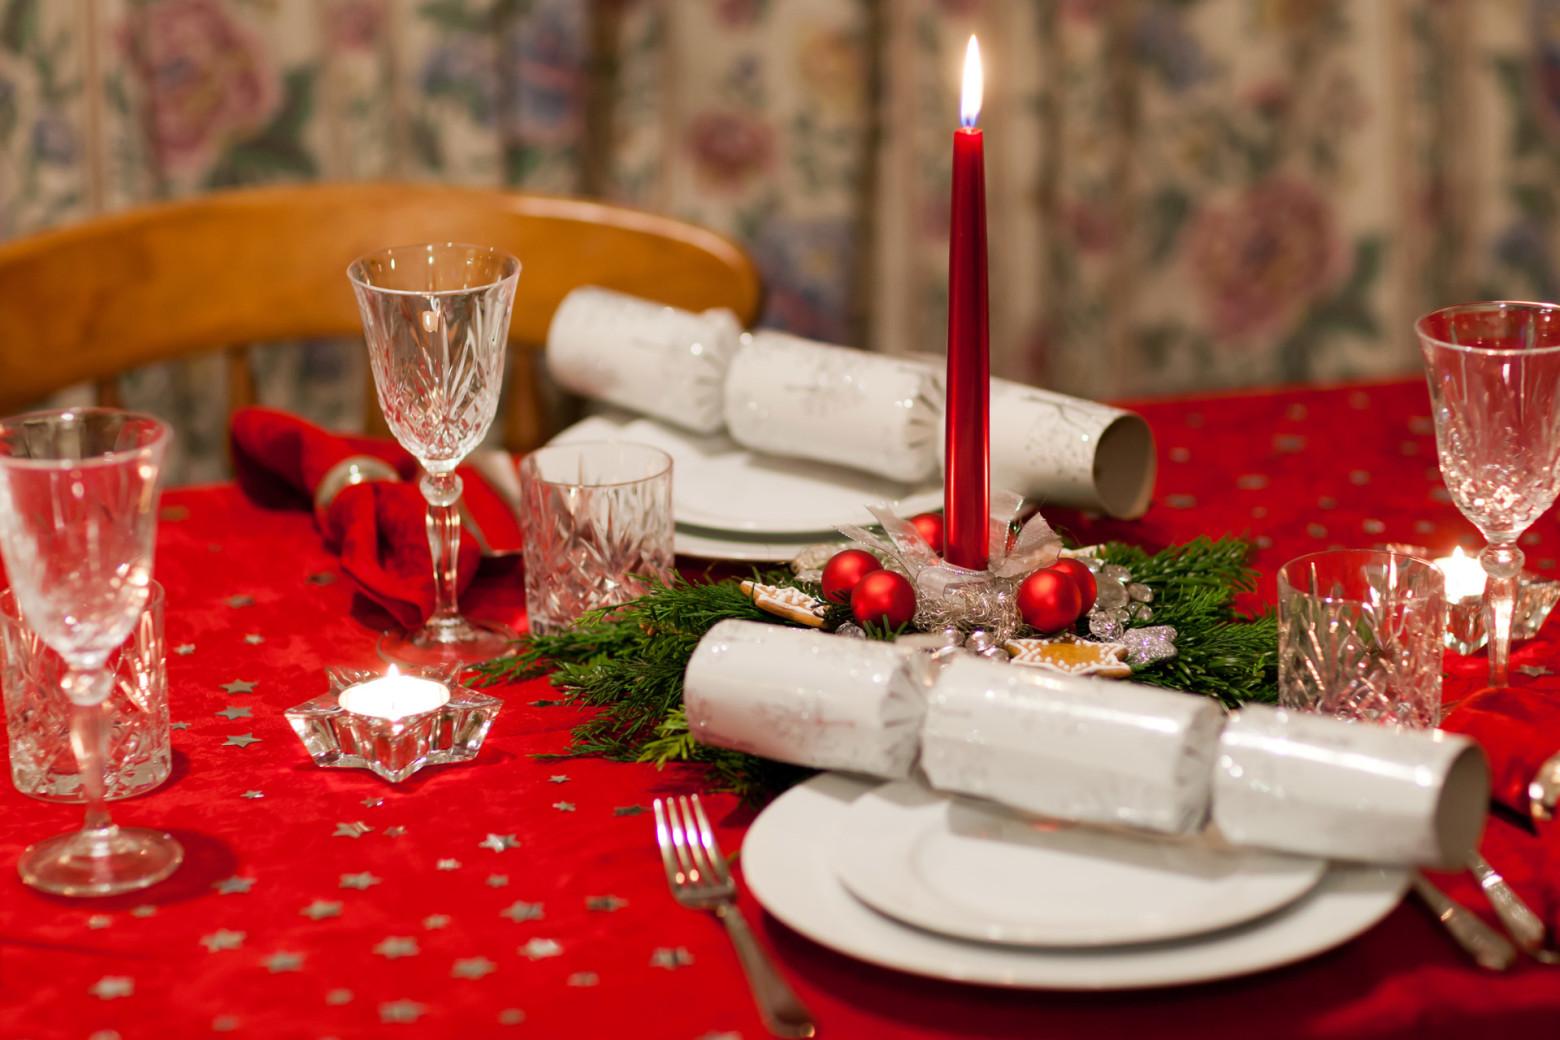 decoration maison gratuite photos - noel d coration table r veillon f te photos gratuites